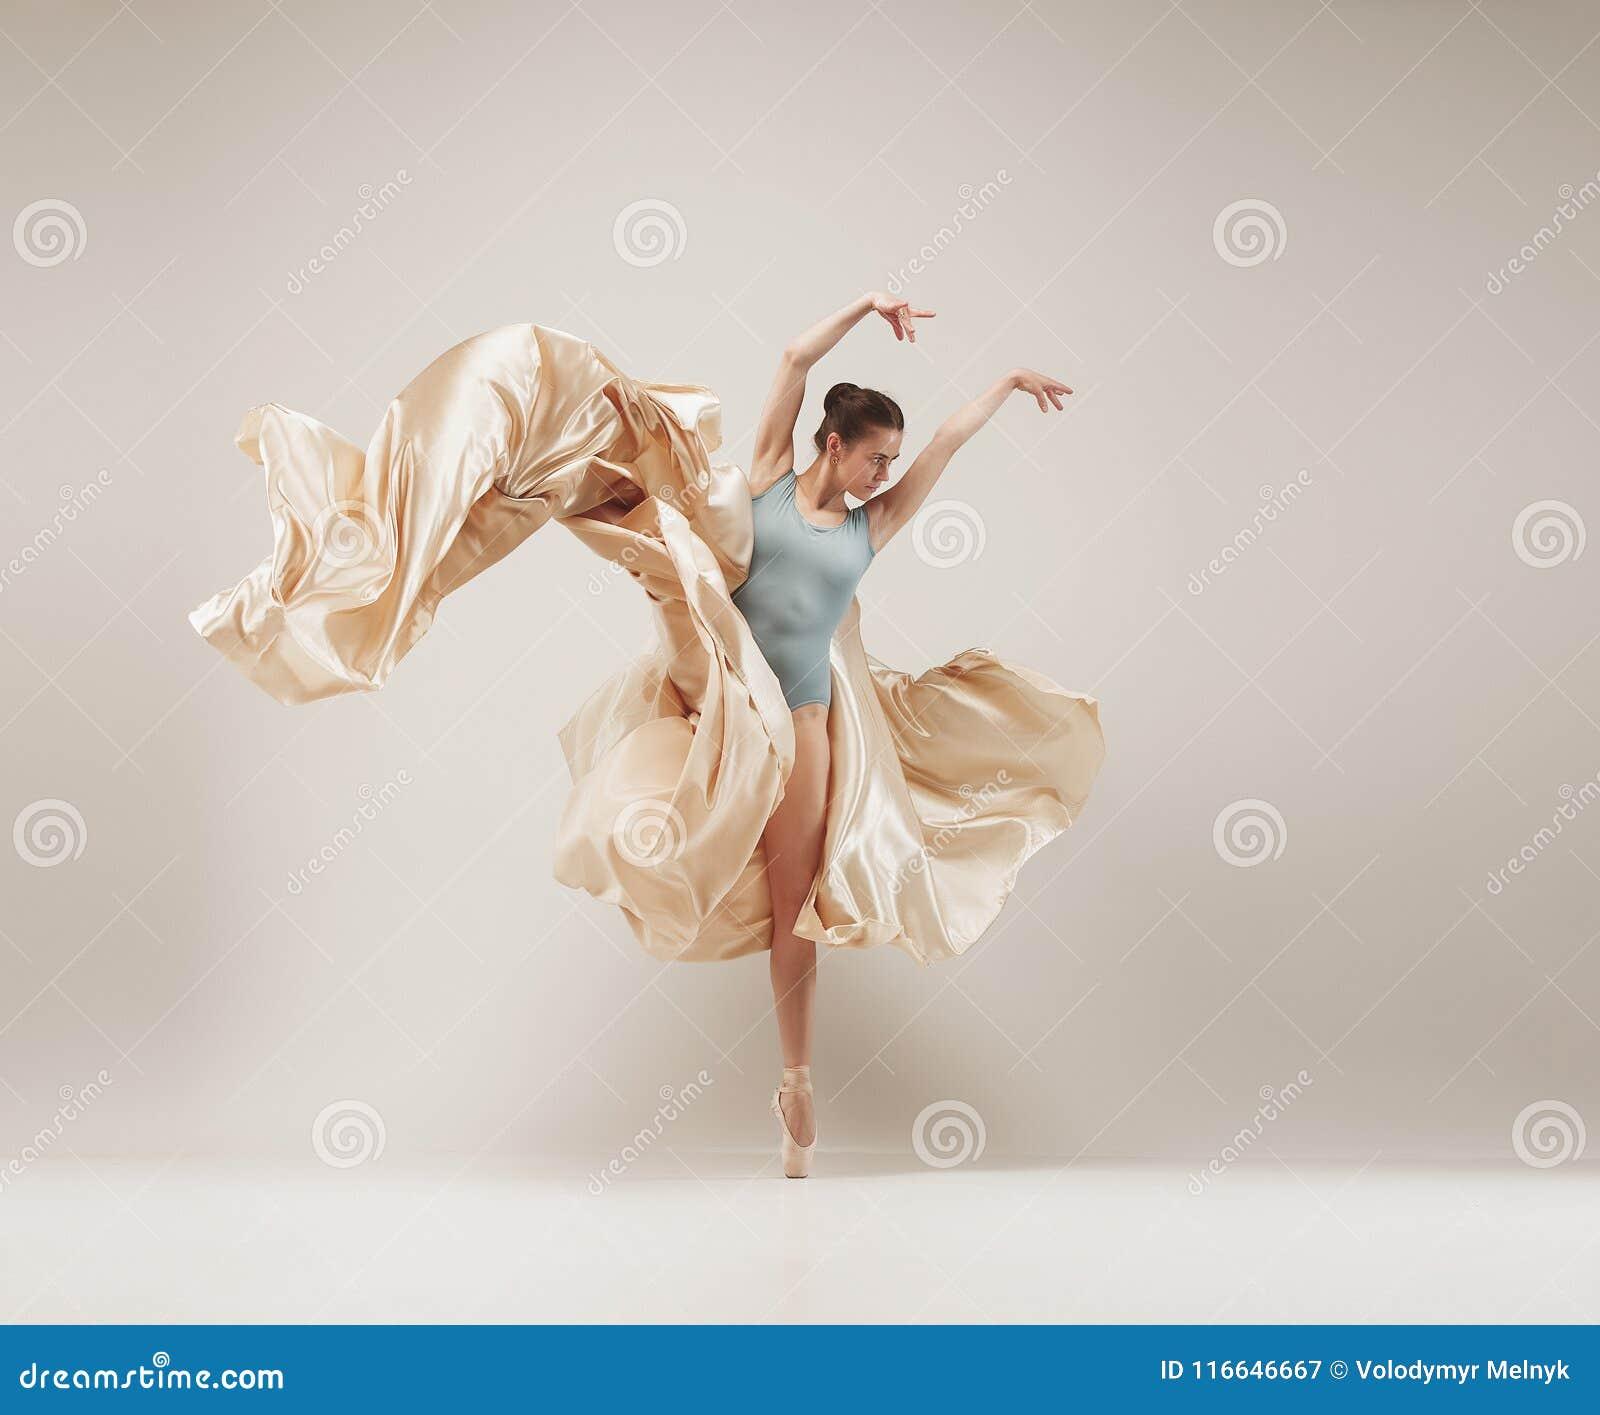 Σύγχρονος χορευτής μπαλέτου που χορεύει στο πλήρες σώμα στο άσπρο υπόβαθρο στούντιο